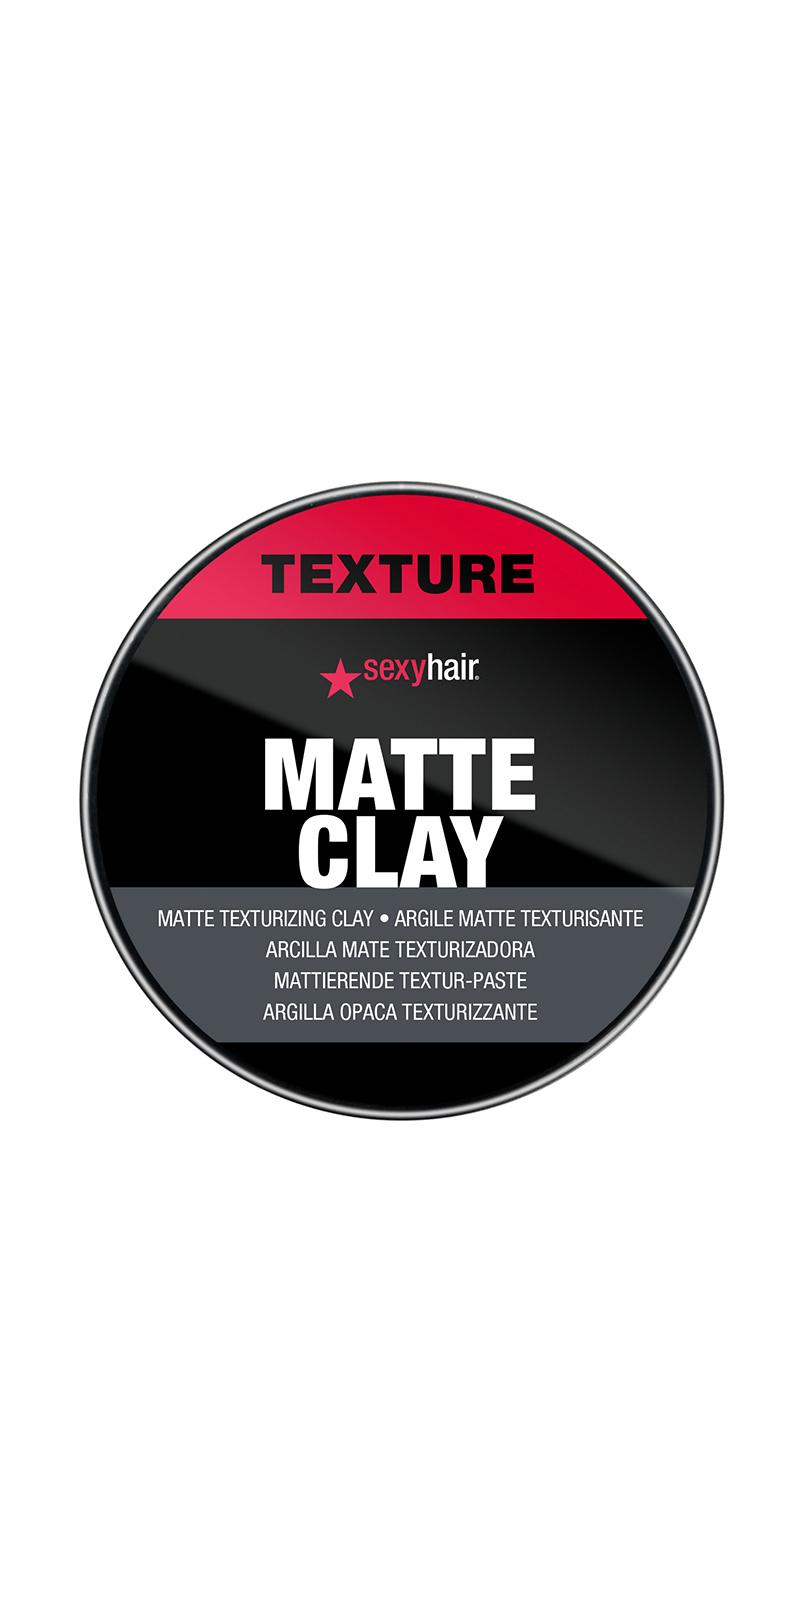 Z 200304 SH Style Matte Clay Top